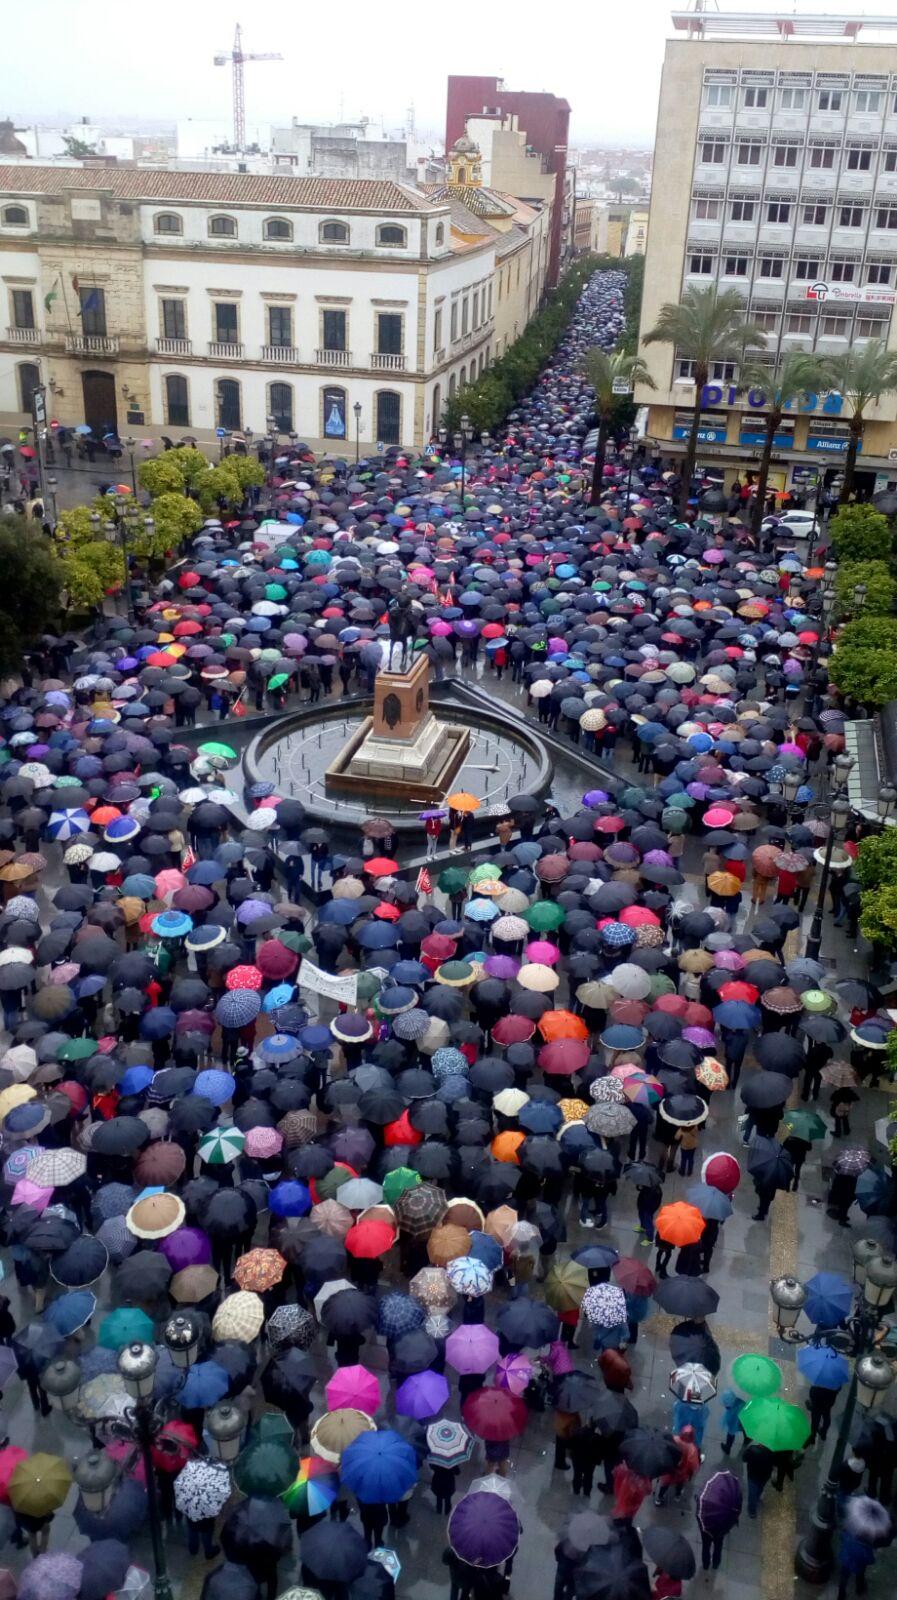 Jubilados y jóvenes se mojaron en una multitudinaria movilización en defensa del sistema público de pensiones